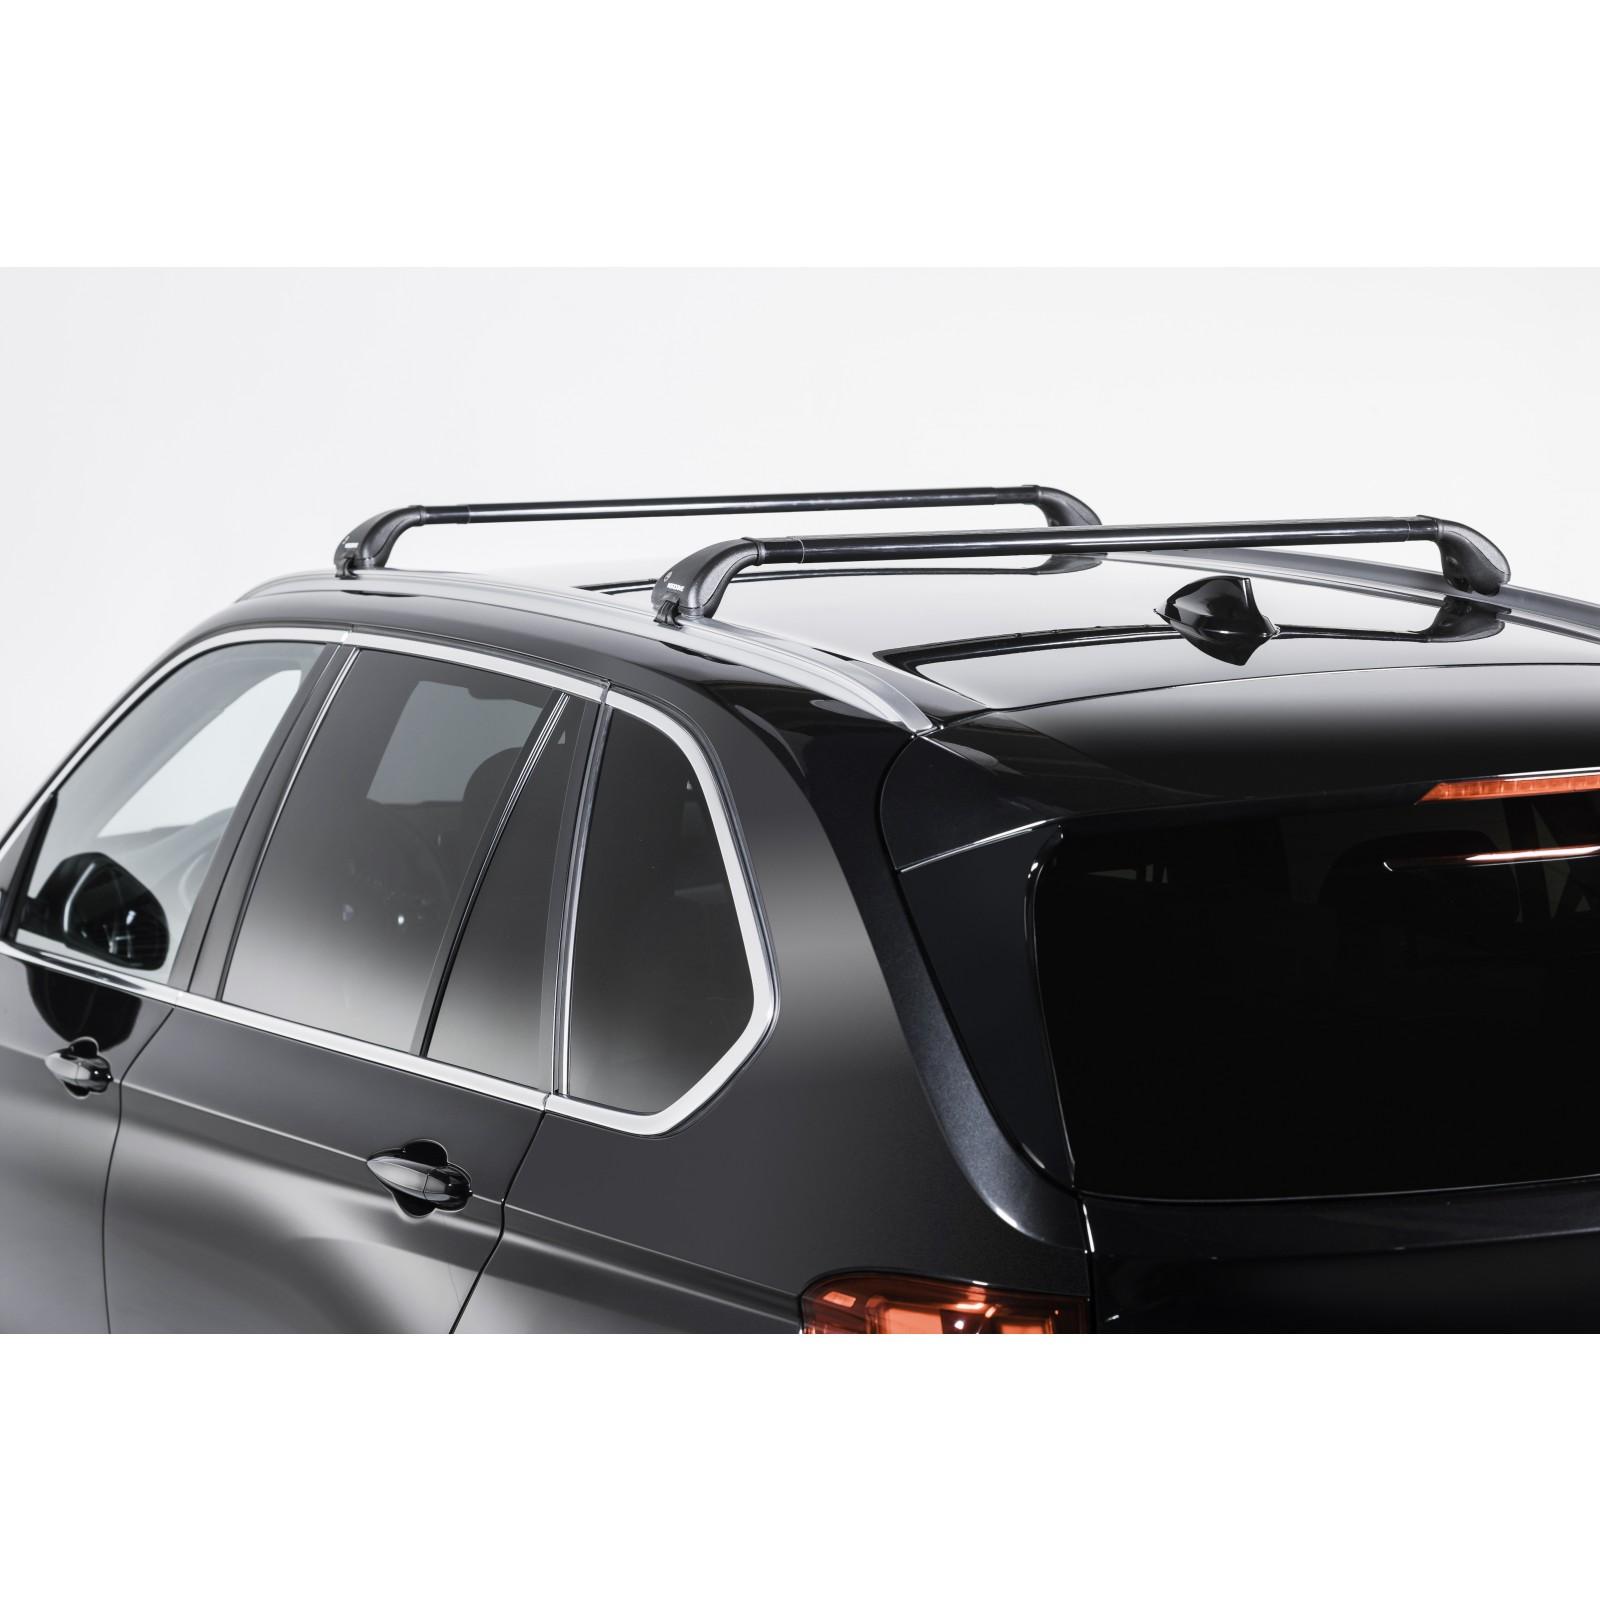 barres de toit en acier pour toyota verso. Black Bedroom Furniture Sets. Home Design Ideas